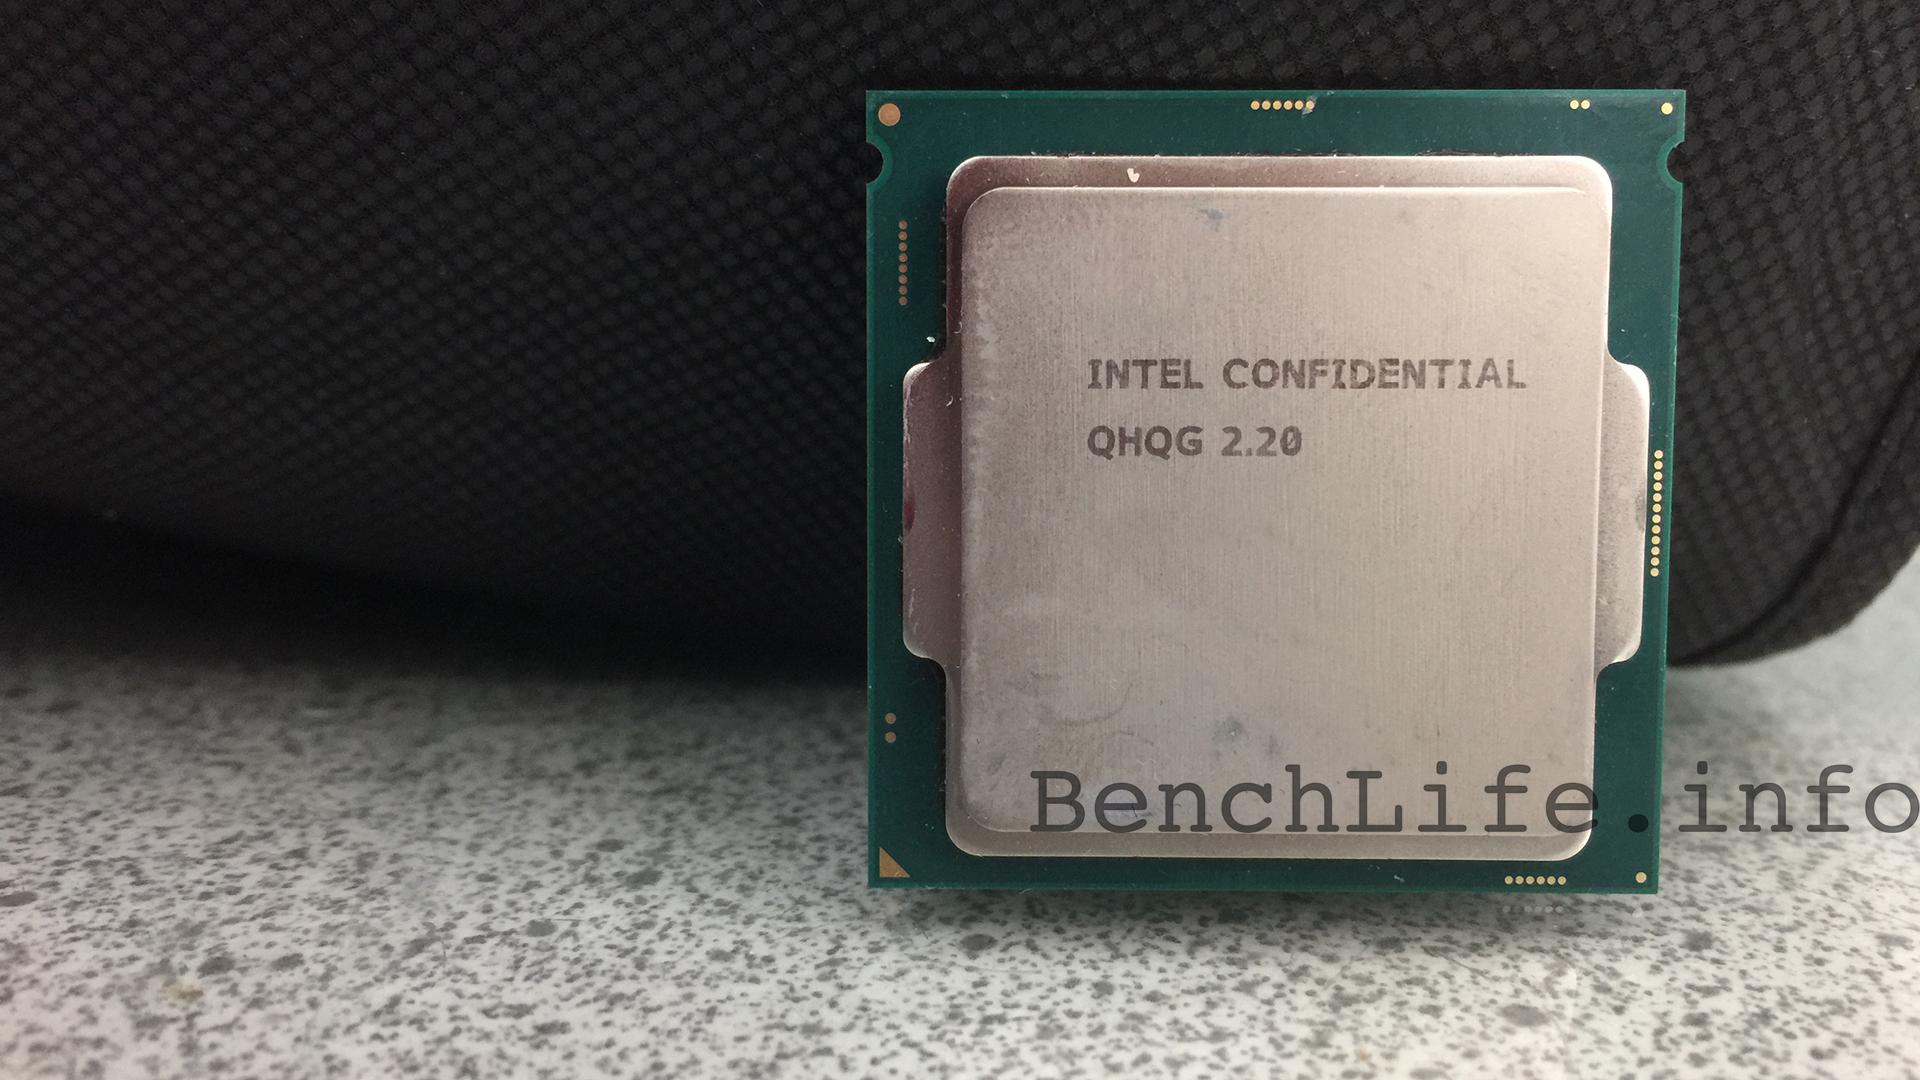 準備迎接 Coffee Lake 到來,Intel 陸續停產 Skylake 處理器